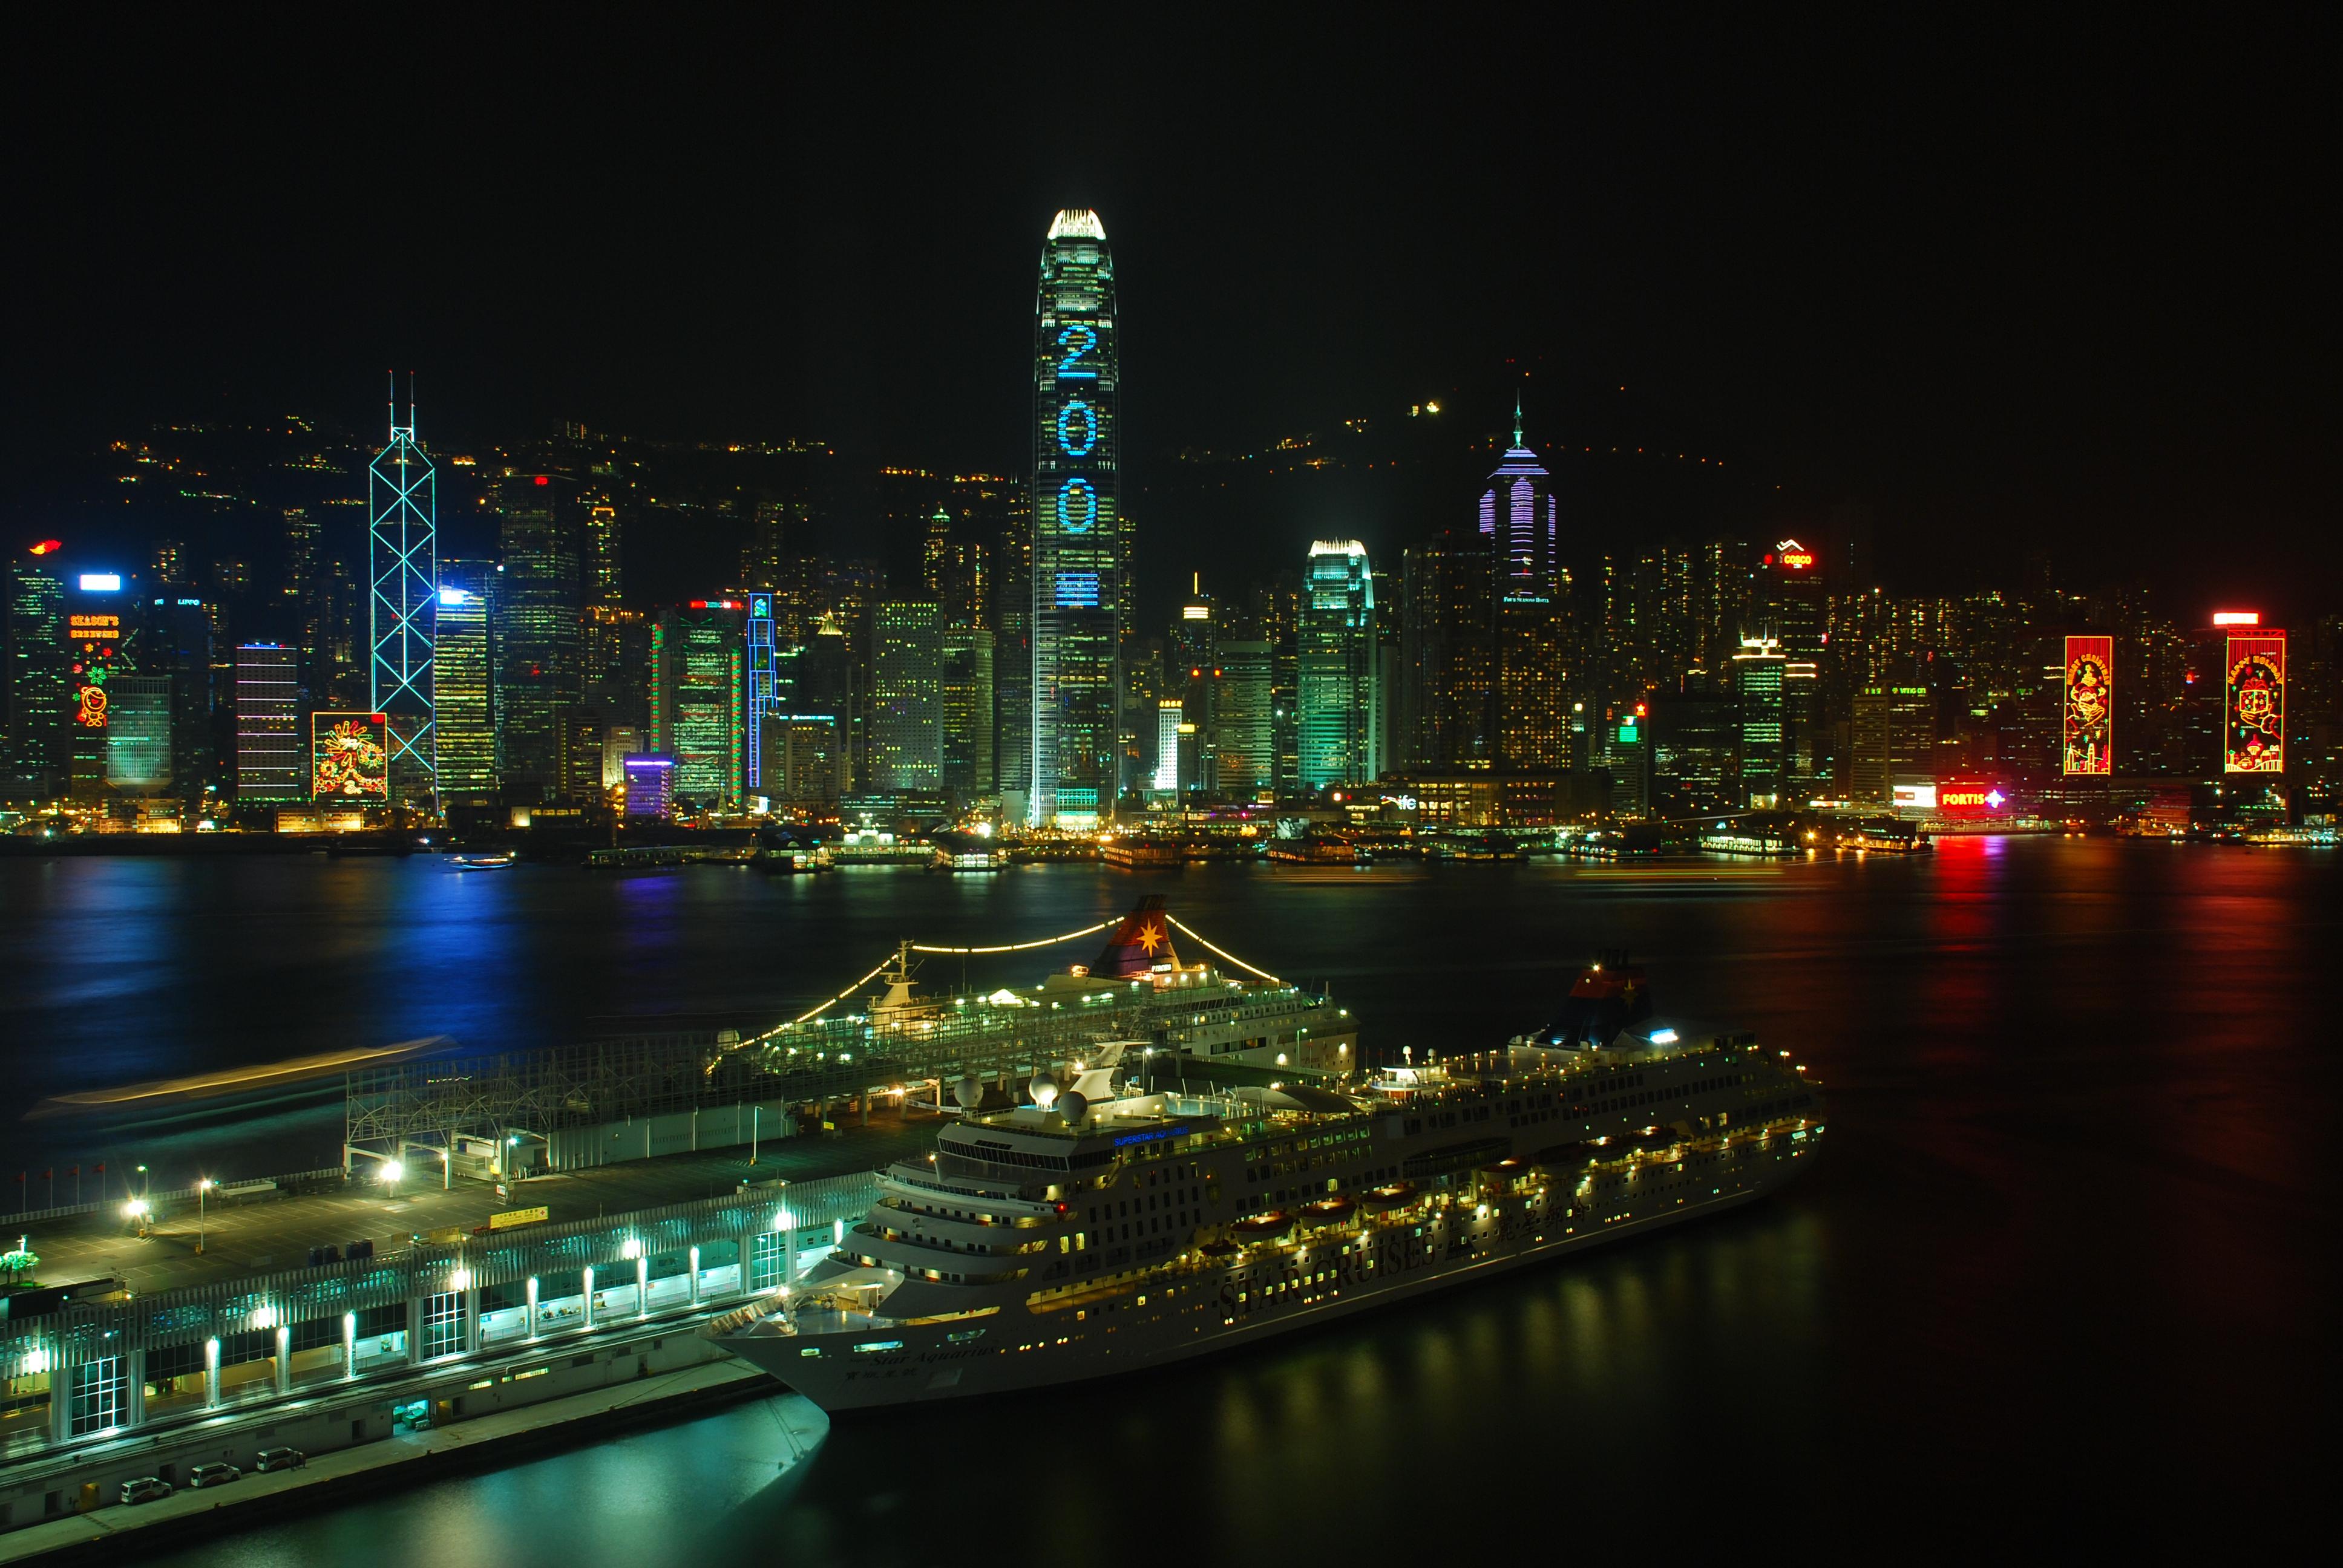 MS Super Star Aquarius Star Cruises Ocean Terminal Hong Kong Dec 2008 01